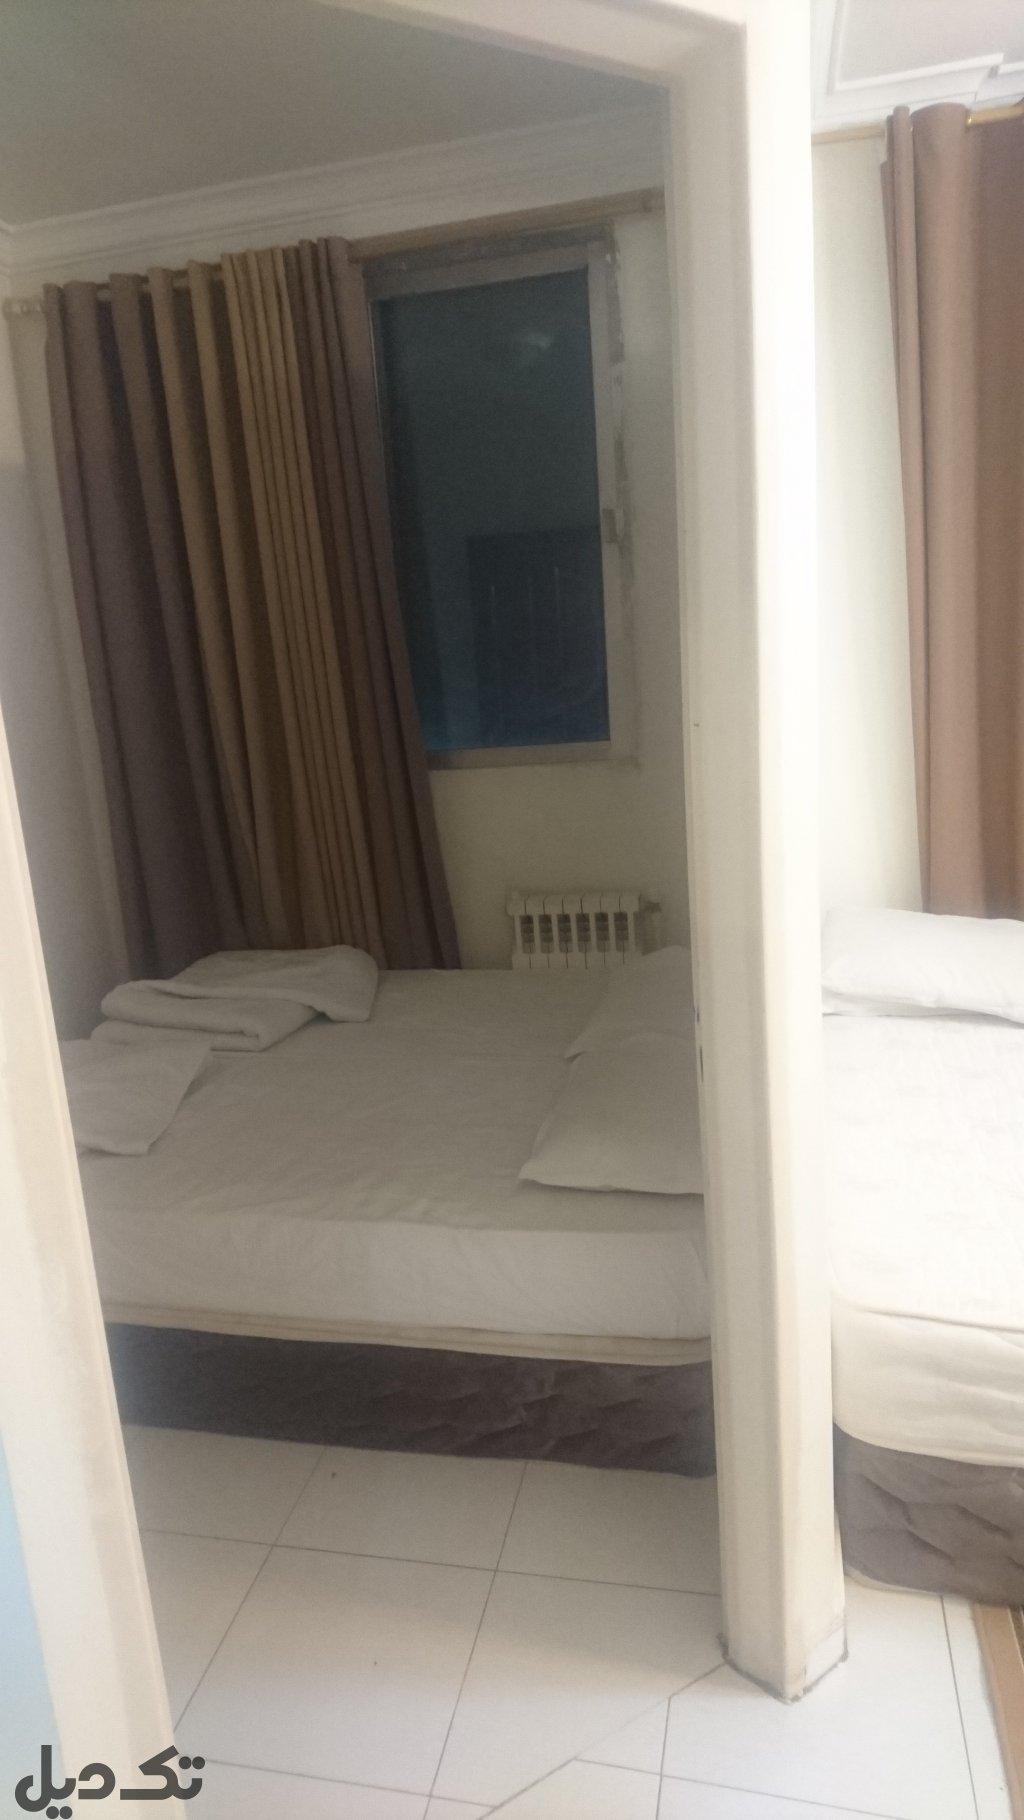 هتل آپارتمان در مشهد